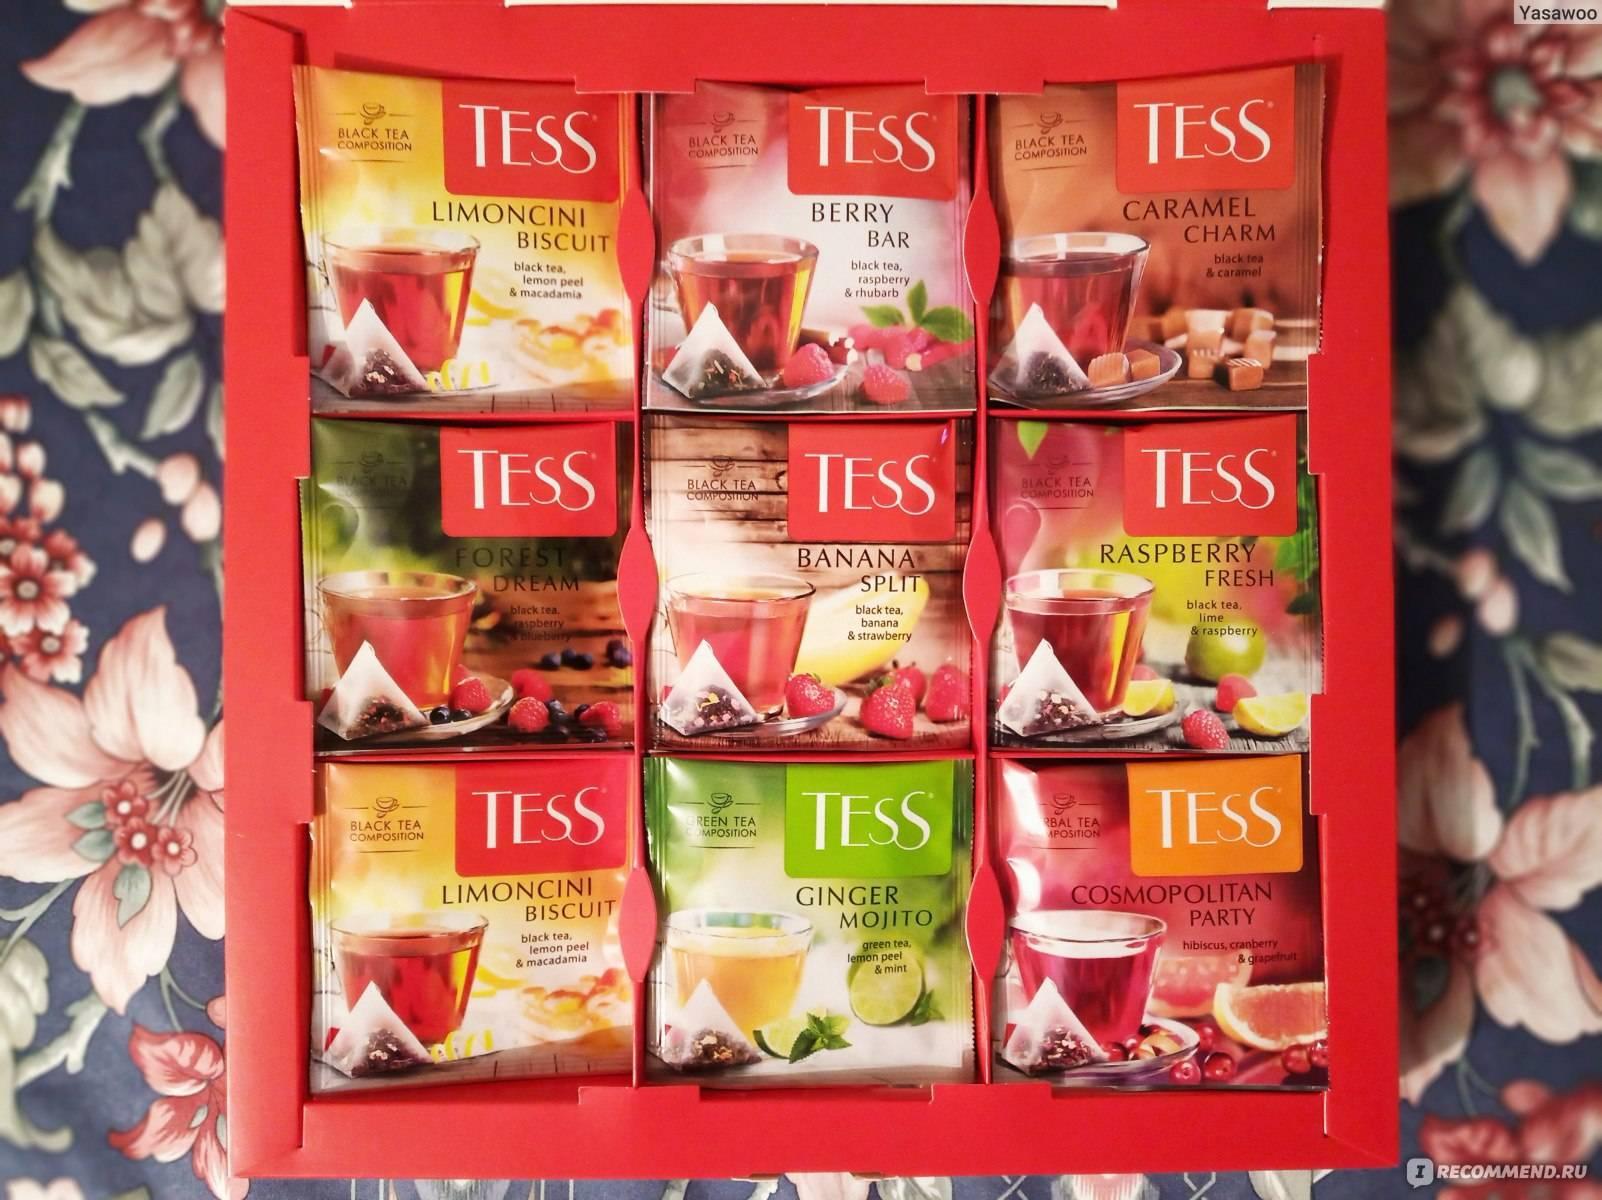 Чай тесс: виды и вкусовые качества